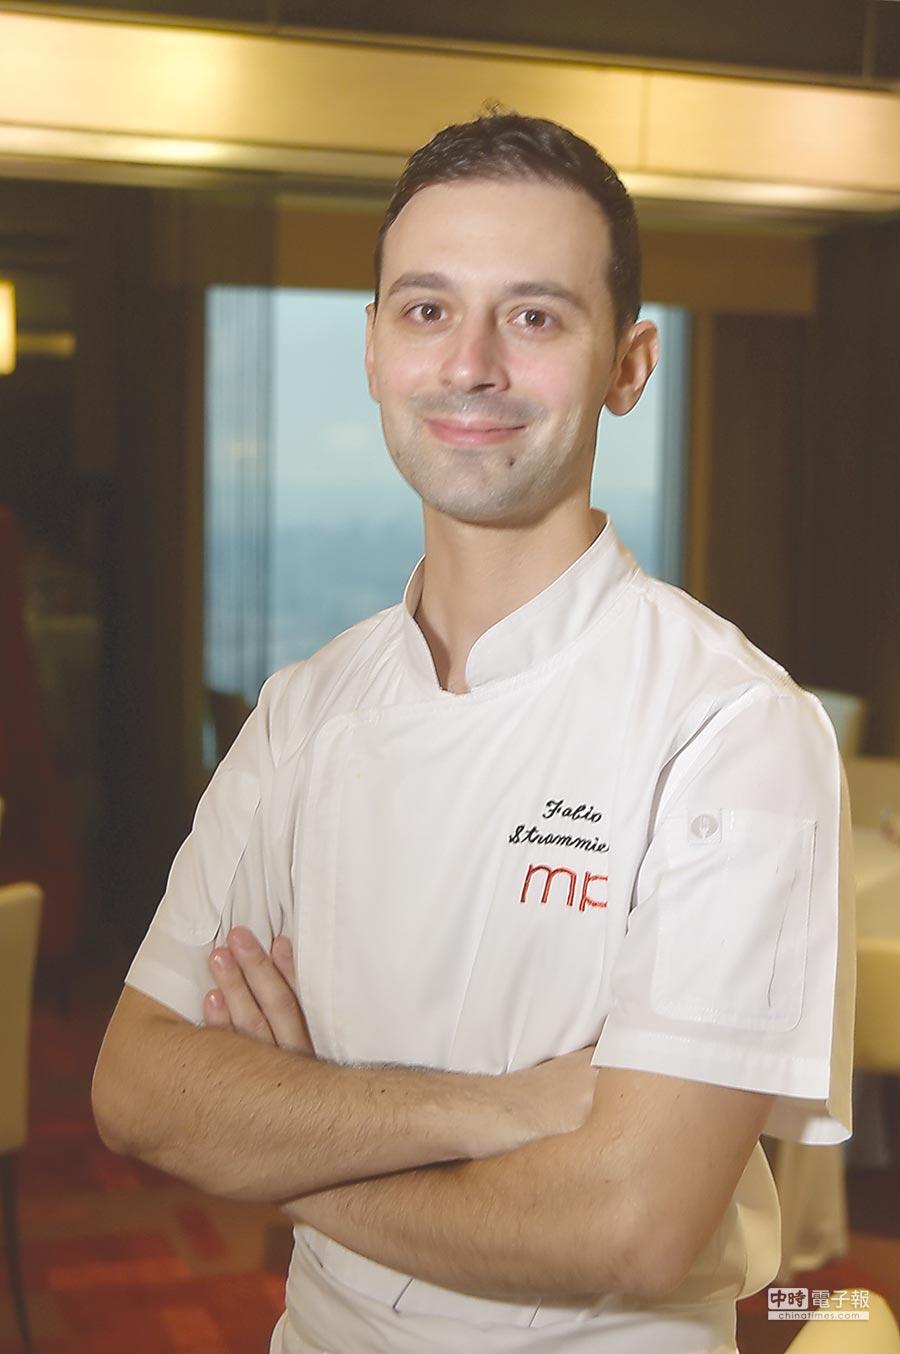 香格里拉台北遠東國際大飯店〈馬可波羅〉義大利餐廳新任主廚法比歐(Fabio Strammiello),曾在包括丹麥〈Noma〉等著名餐廳歷練,烹調手路與視野有超齡水準。圖/姚舜